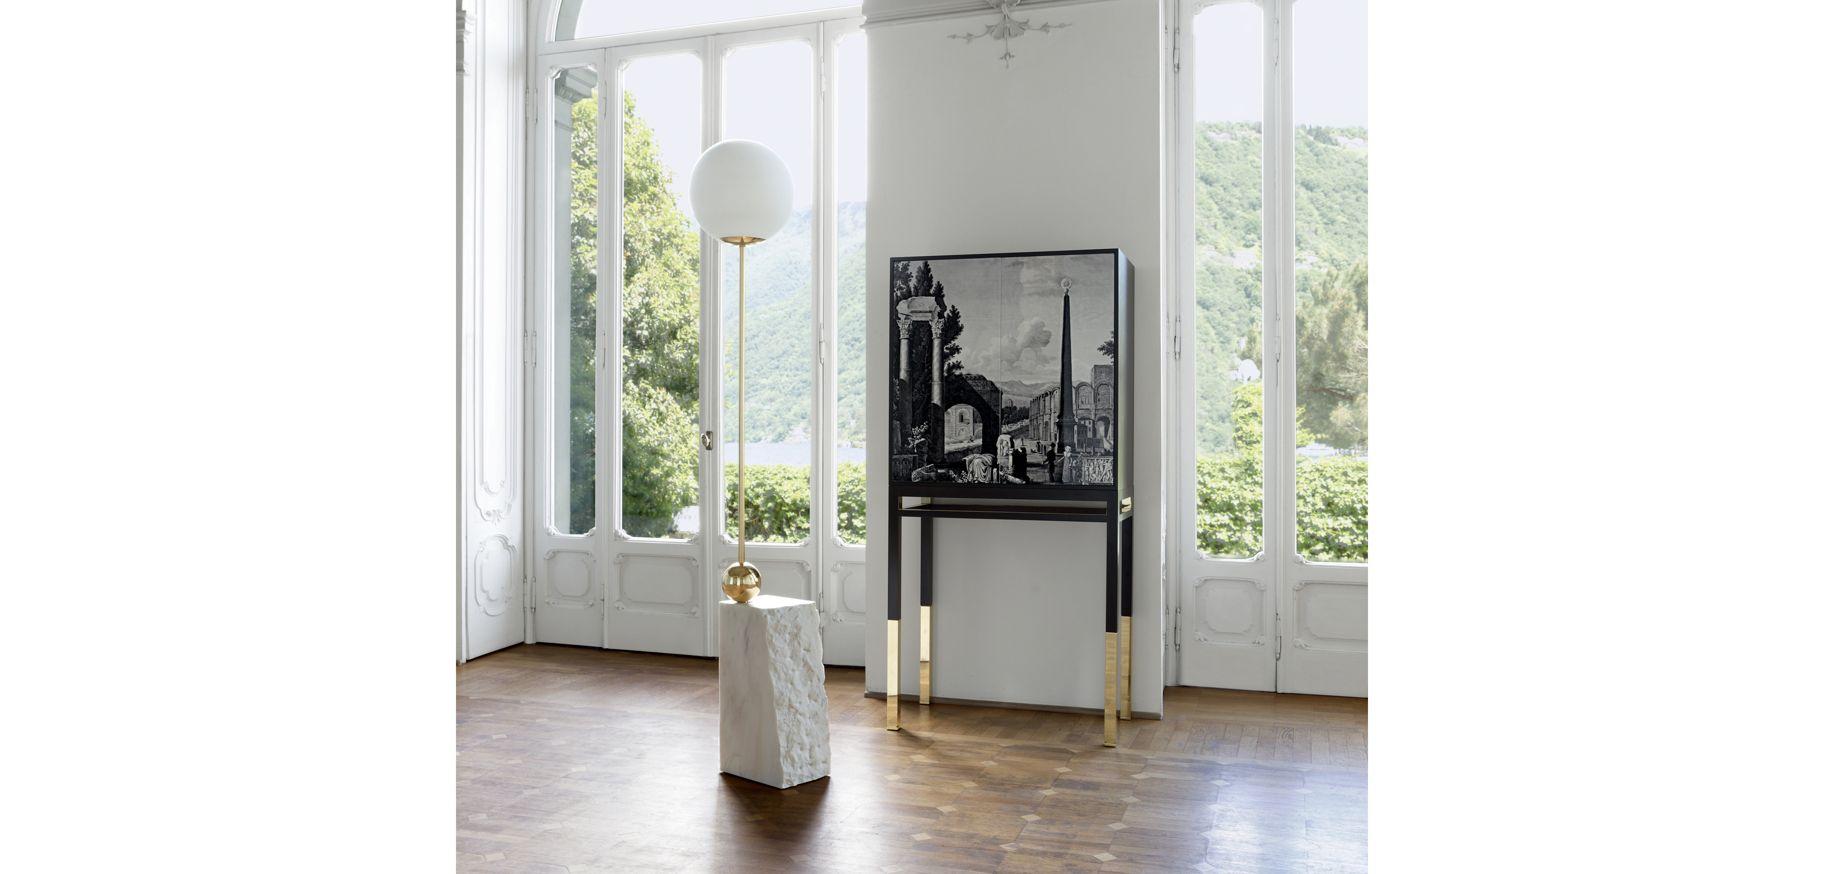 Maison lacroix cabinet nouveaux classiques collection roche bobois - Collection roche bobois ...